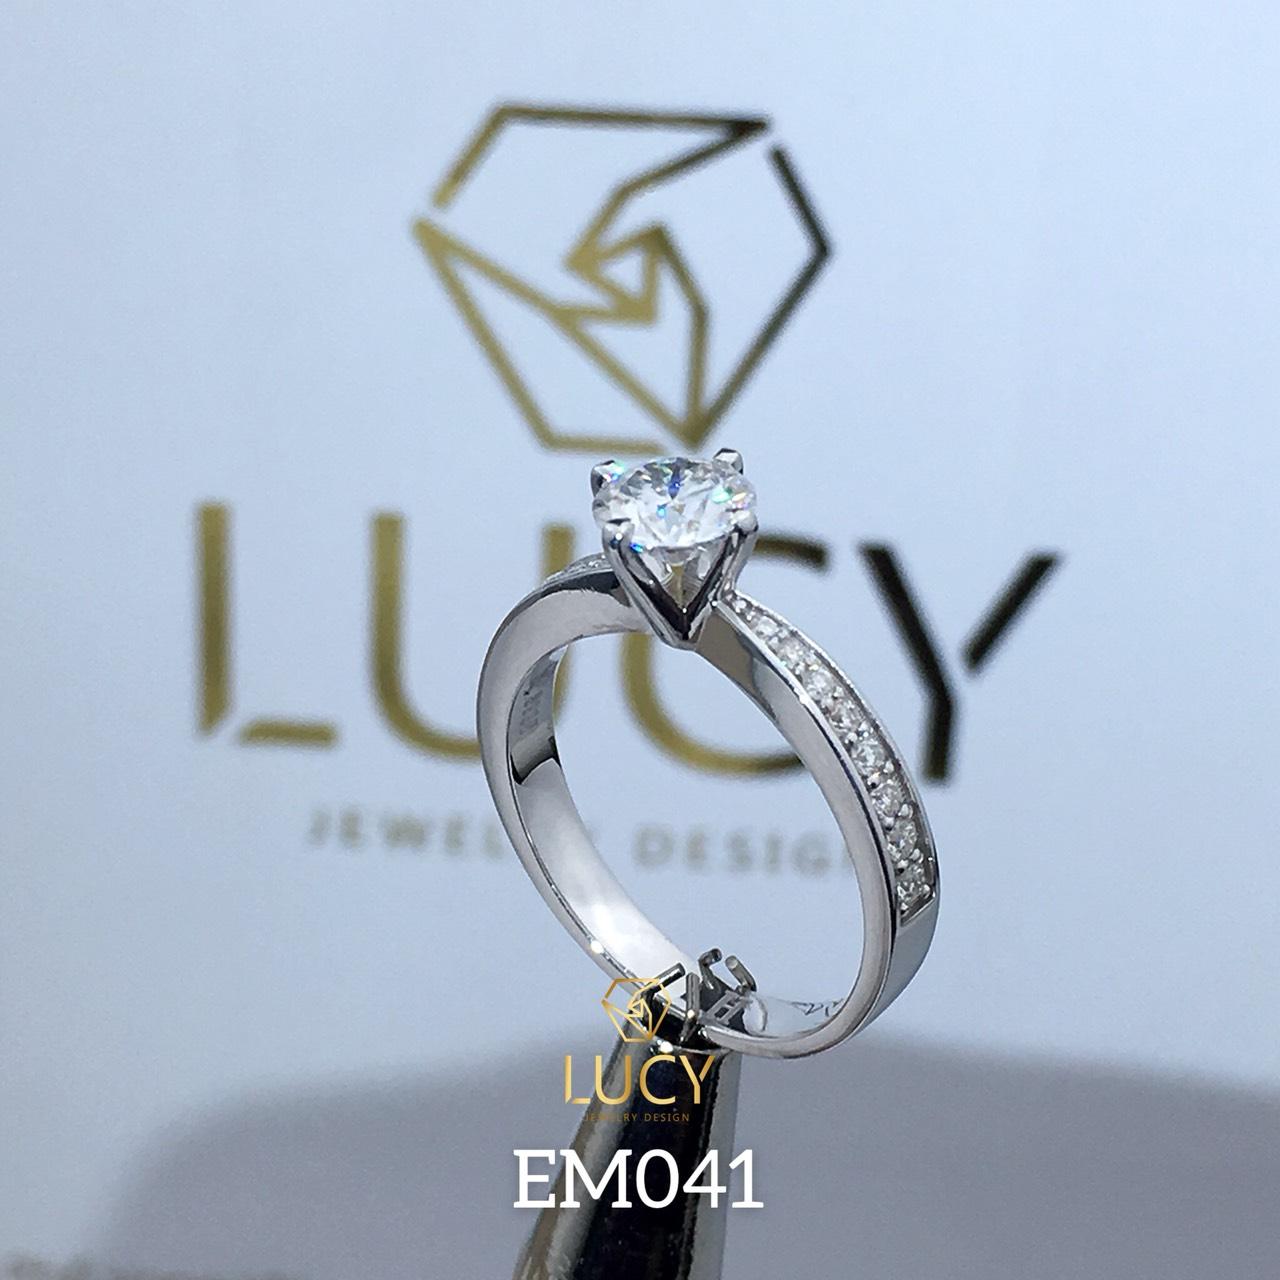 EM041 Nhẫn nữ vàng, nhẫn ổ 5,4mm, nhẫn nữ thiết kế, nhẫn cầu hôn, nhẫn đính hôn - Lucy Jewelry